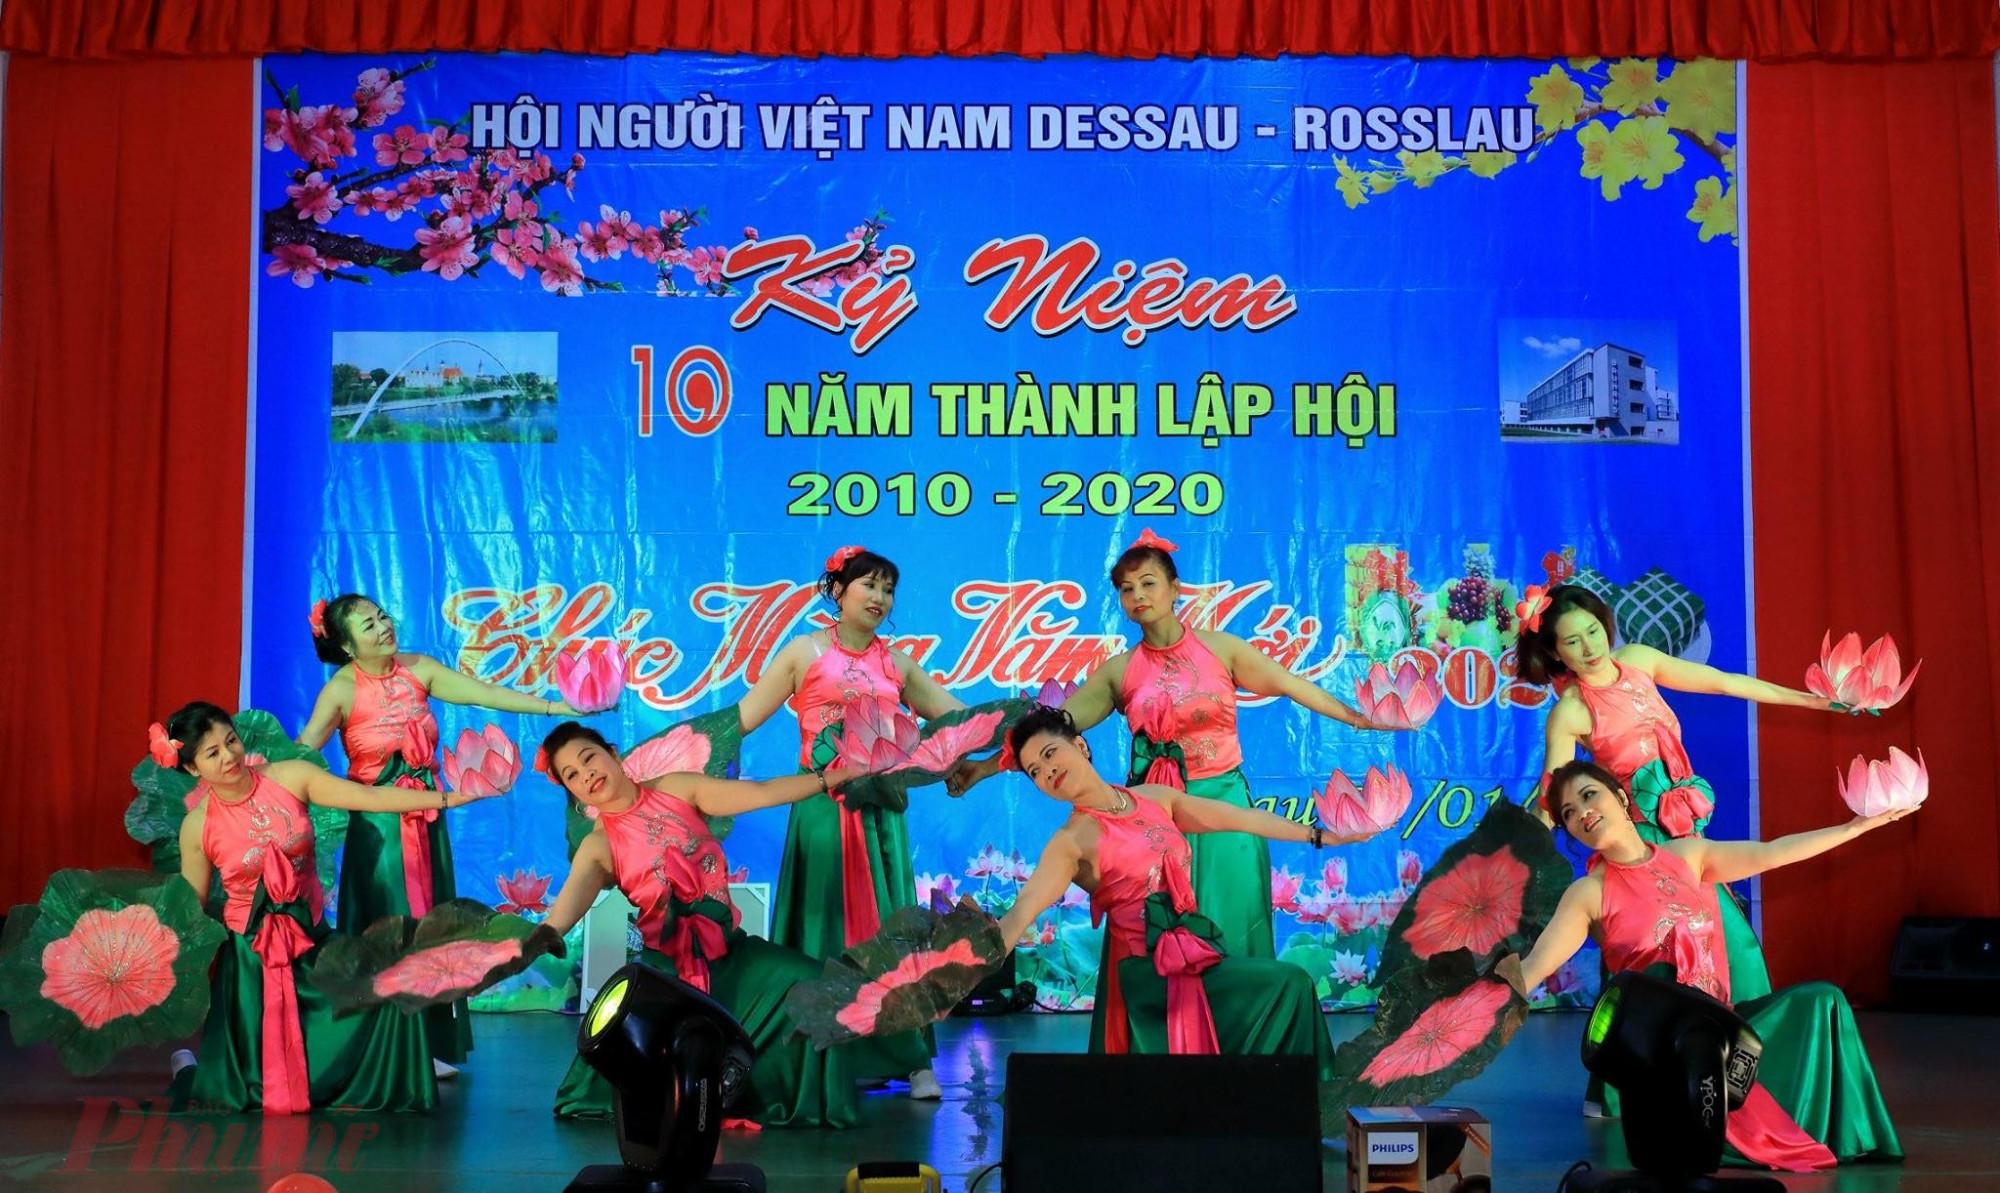 Các chị em người Việt ở Dessau tư biên đạo và biểu diễn múa. Lên sân khấu, ai cũng lung linh; còn đời thường, các chị ai cũng đang đi làm, có người đã lên chức bà, có bạn vừa tròn 18.